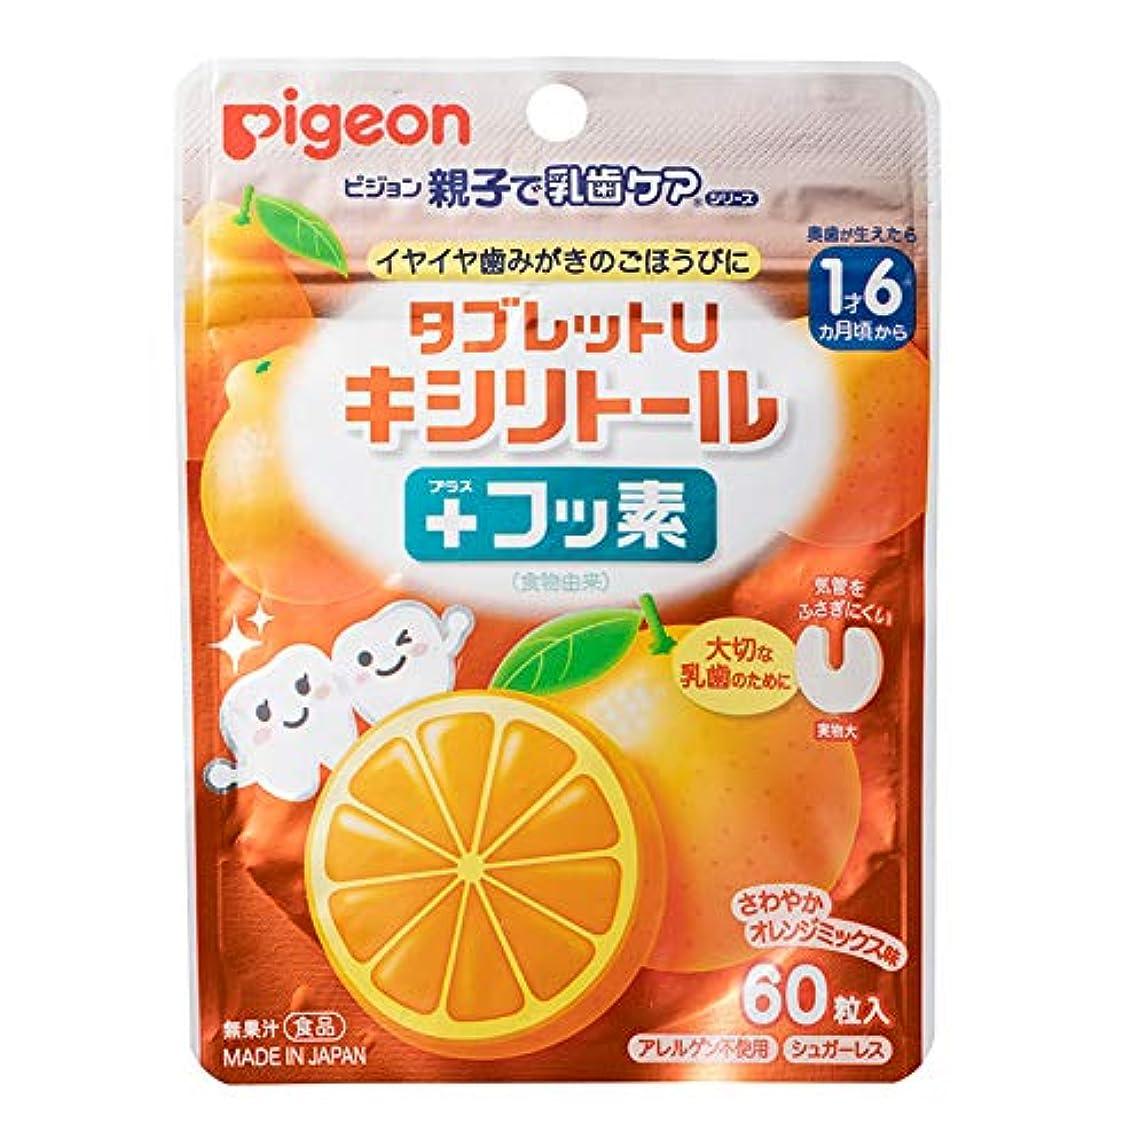 ピジョン(Pigeon) タブレットUキシリトール+フッ素 オレンジミックス味60粒入 アレルゲン不使用 シュガーレス 【1歳6ヵ月頃から】